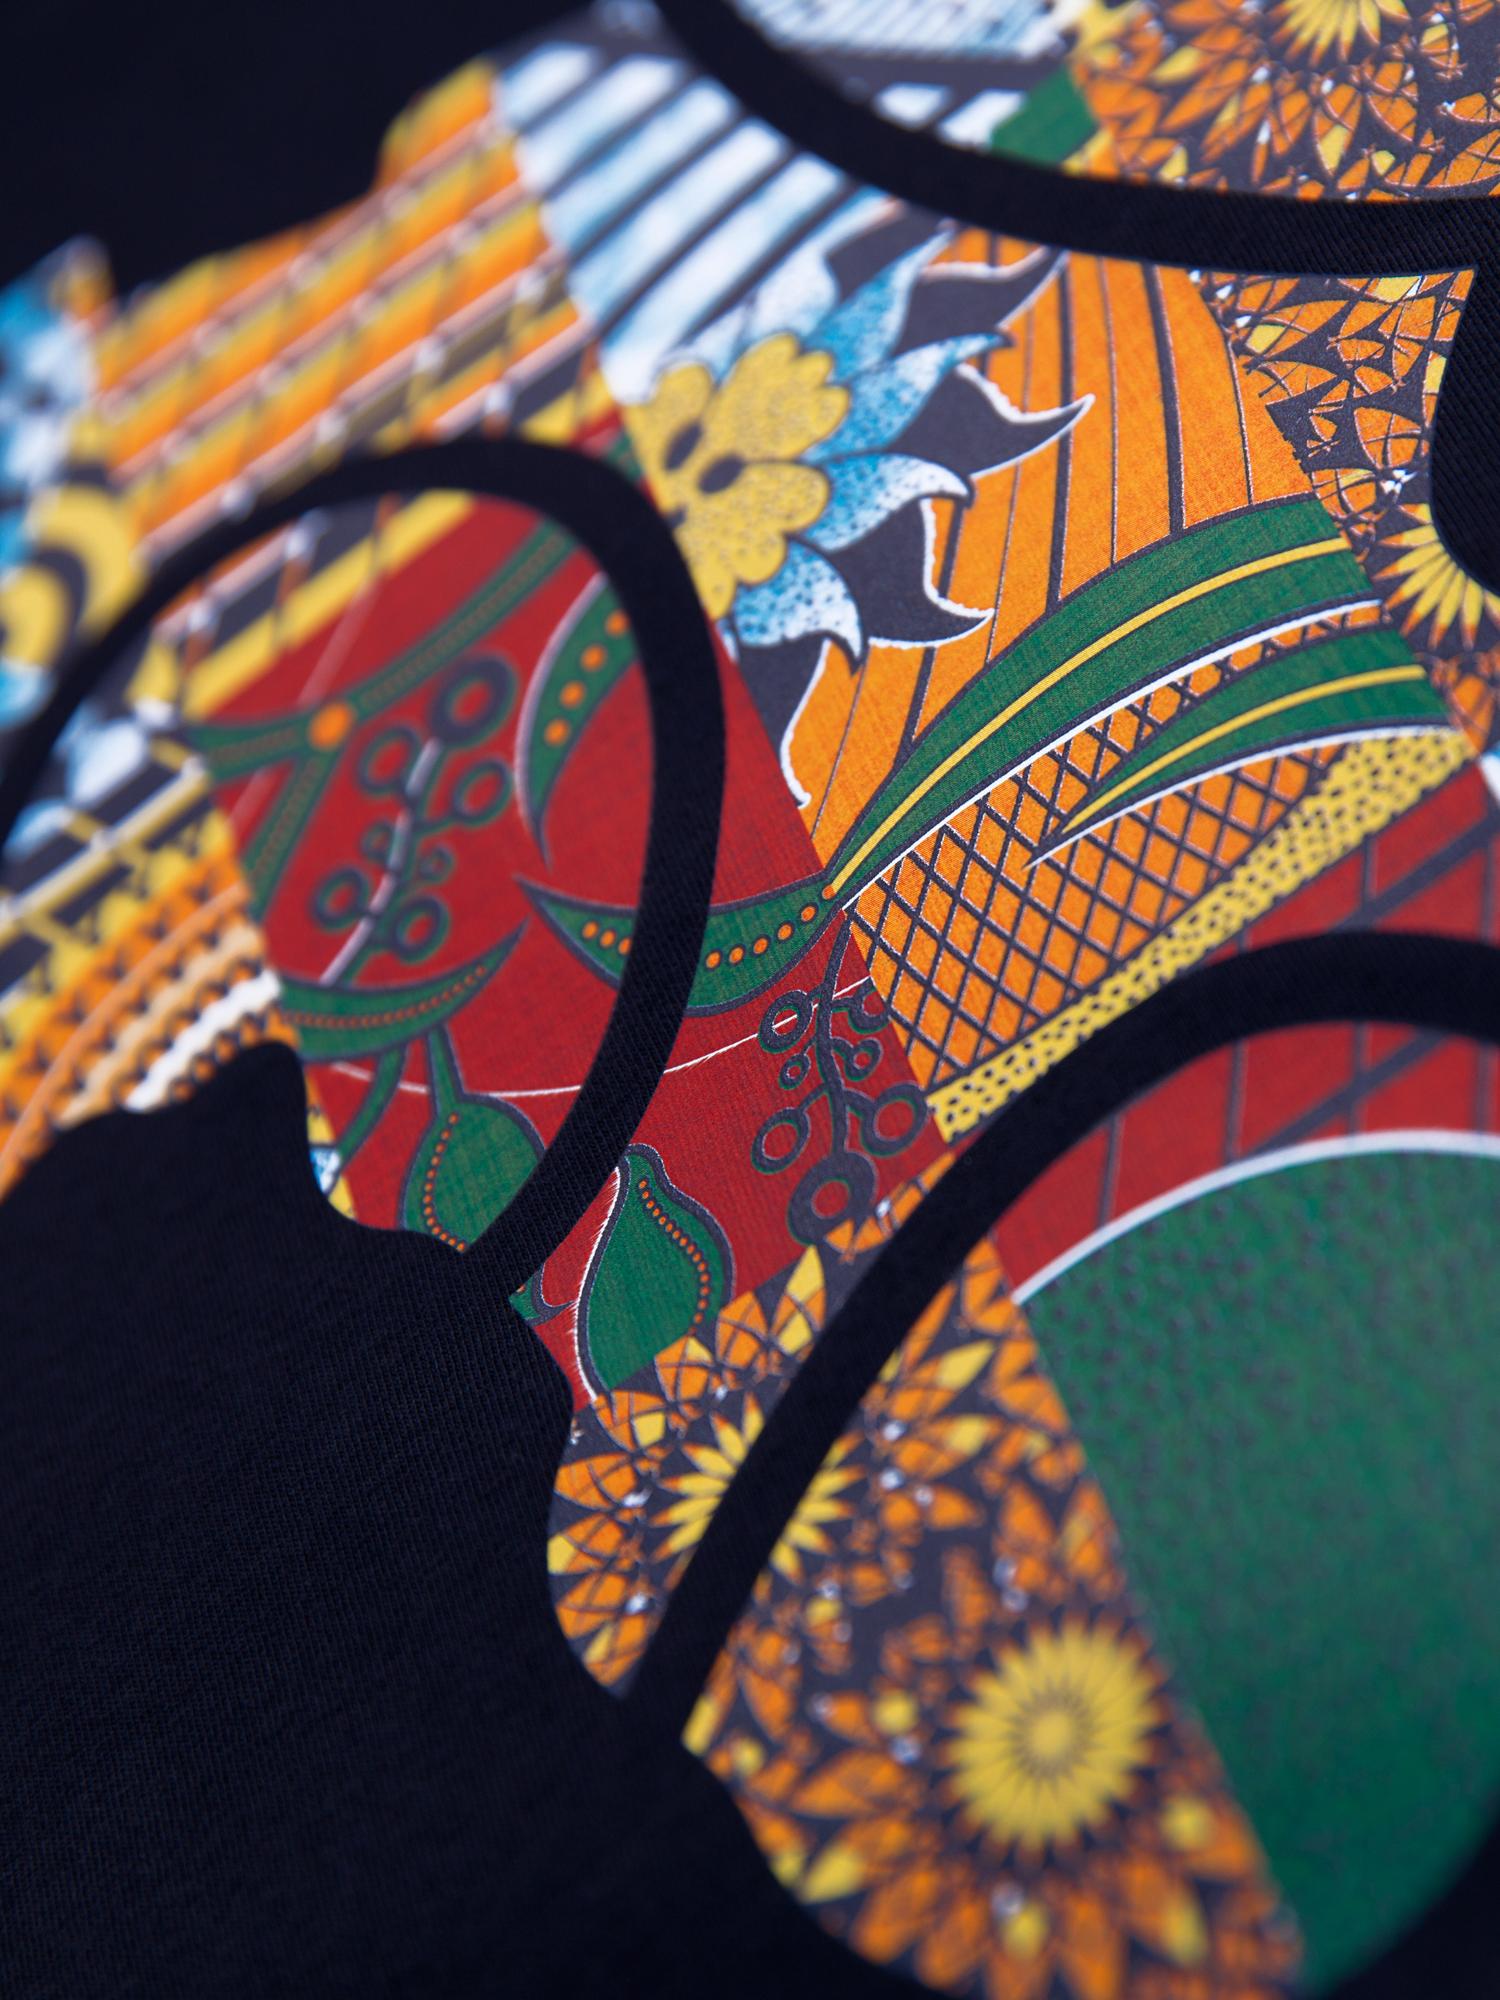 BAB-TOU / Africa